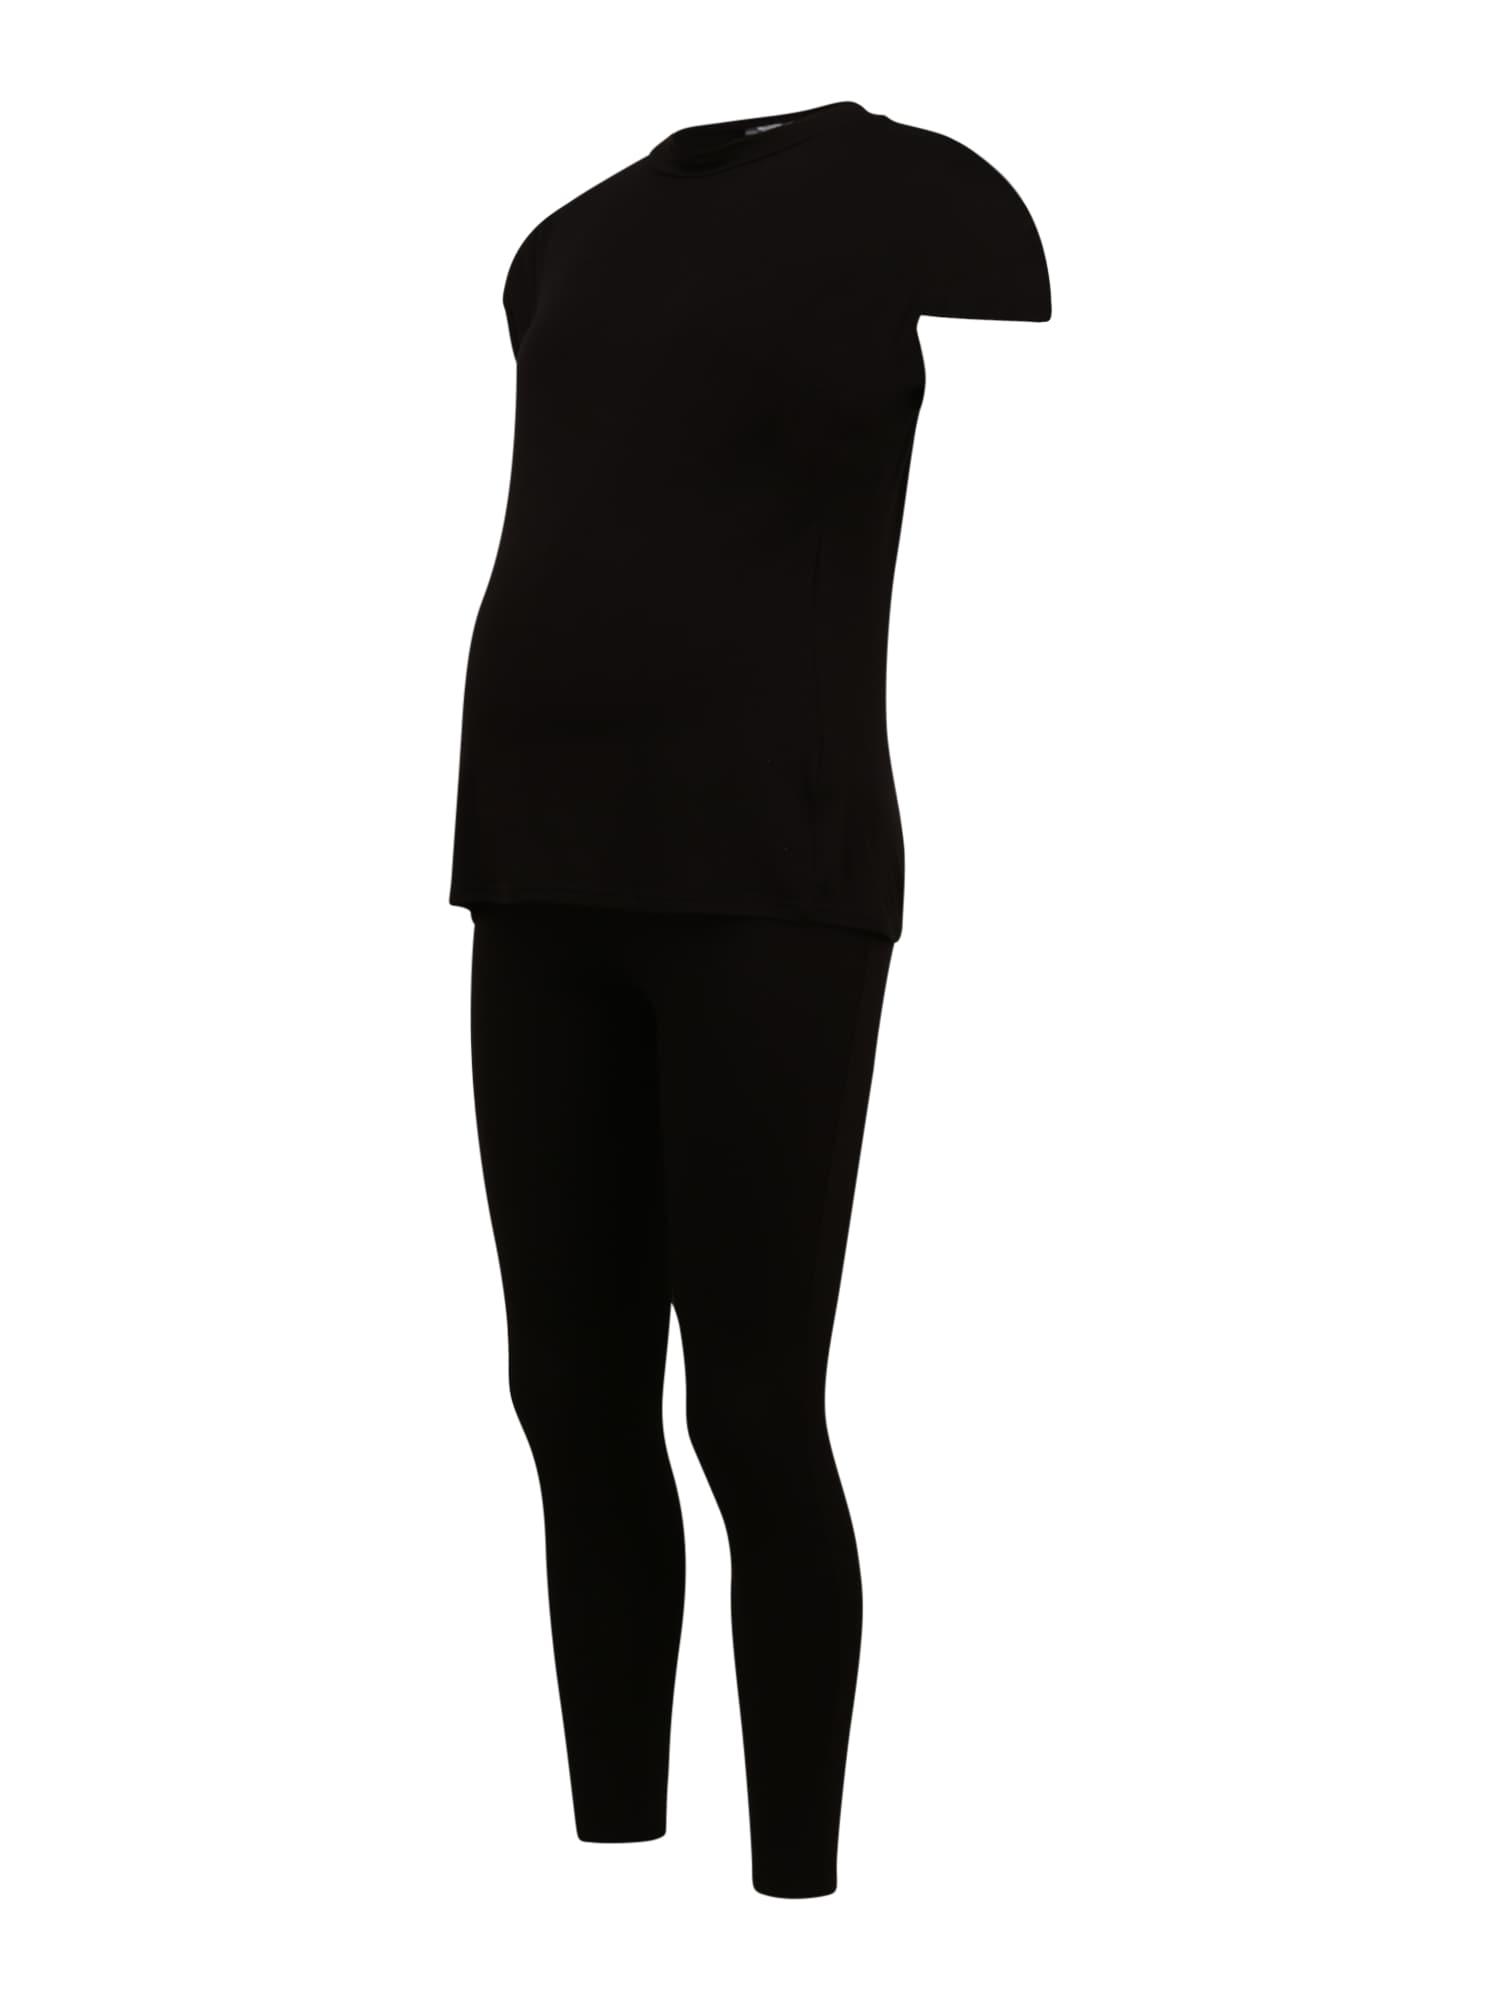 Missguided Maternity Tenue d'intérieur  - Noir - Taille: XS - female